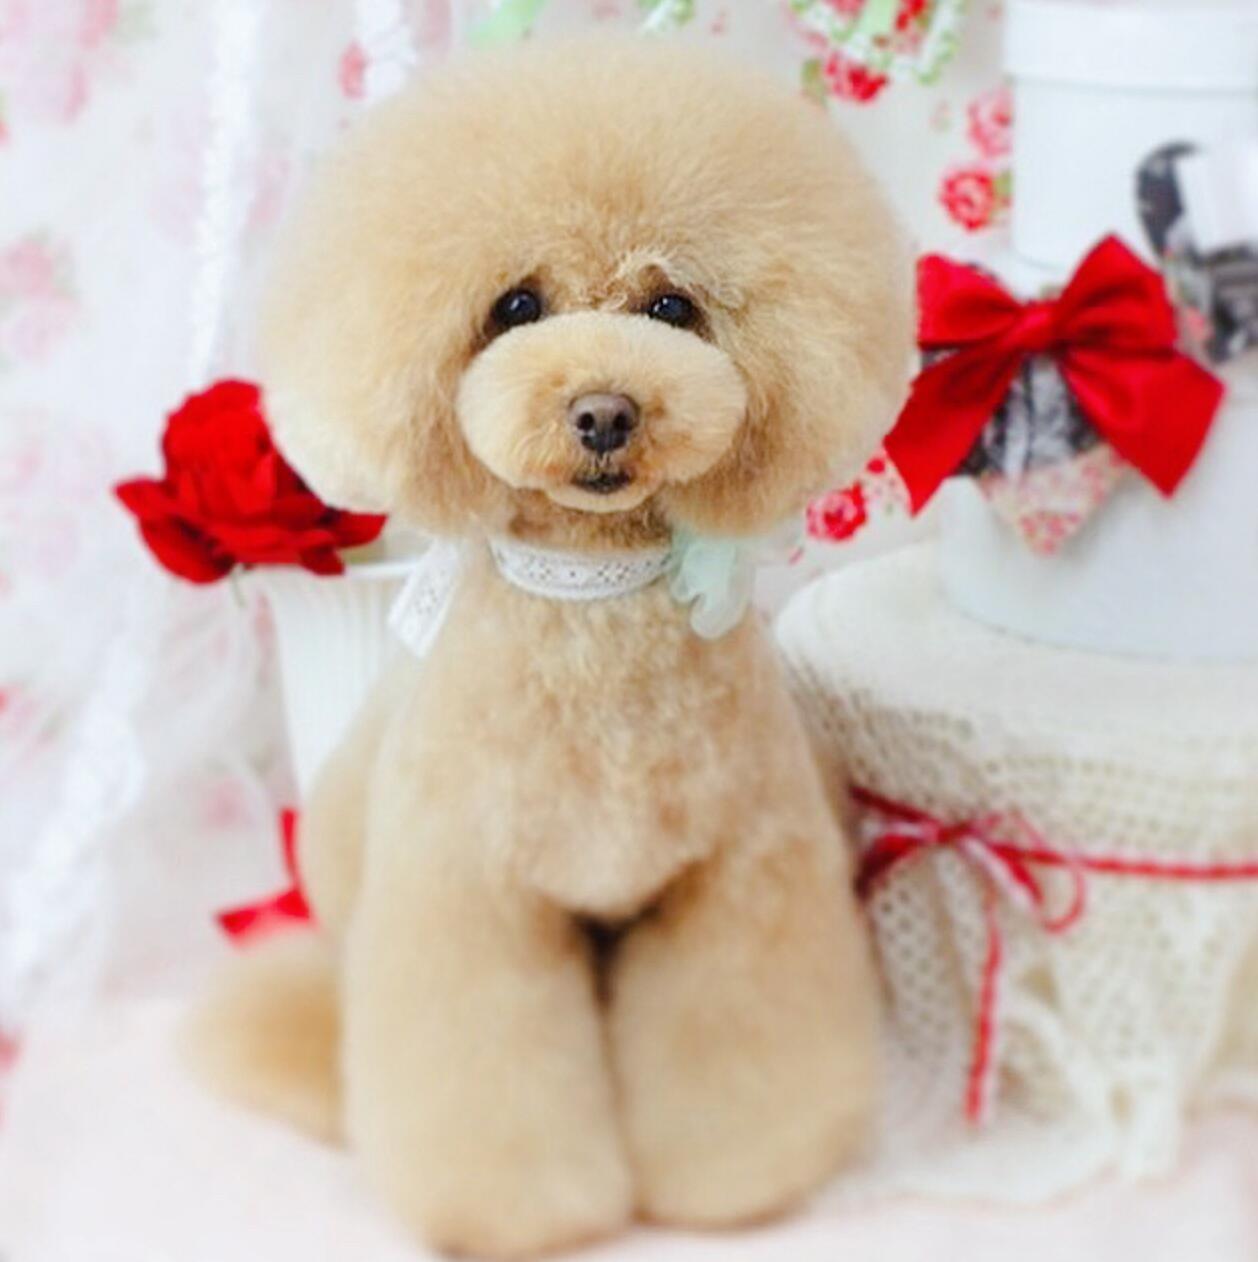 热销贵宾犬幼犬 假一赔十价位最低 三年质保协议